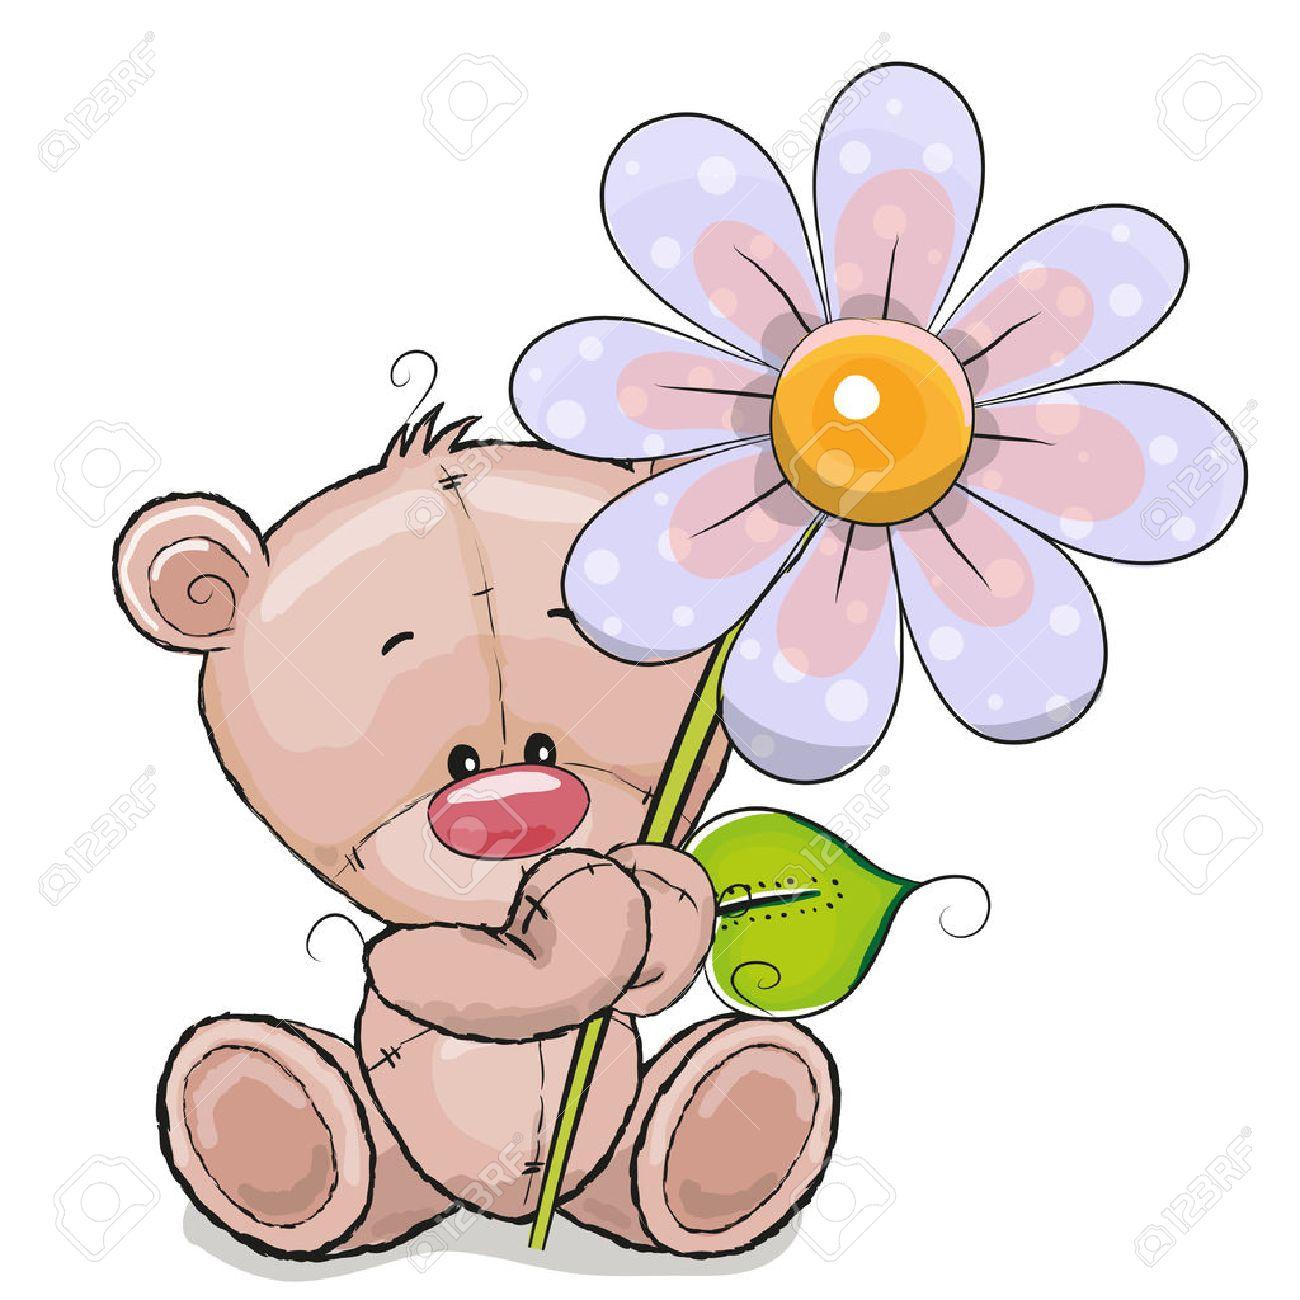 Grußkarte Bär Mit Blume Auf Einem Weißen Hintergrund Lizenzfrei Nutzbare  Vektorgrafiken, Clip Arts, Illustrationen. Image 49067379.